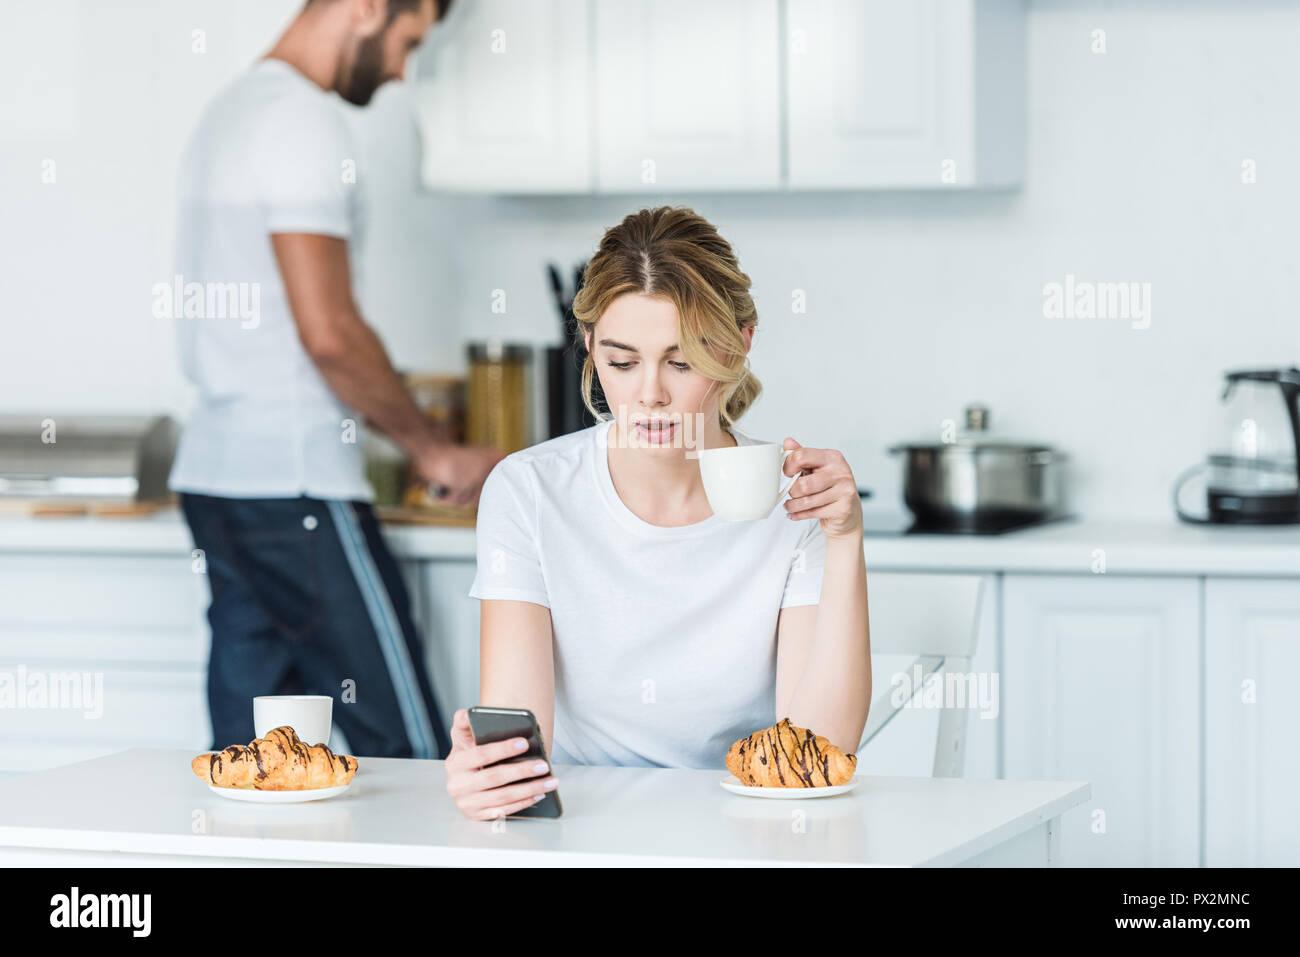 Mujer joven bebiendo café y utilizando el smartphone mientras novio cocinar el desayuno detrás Imagen De Stock